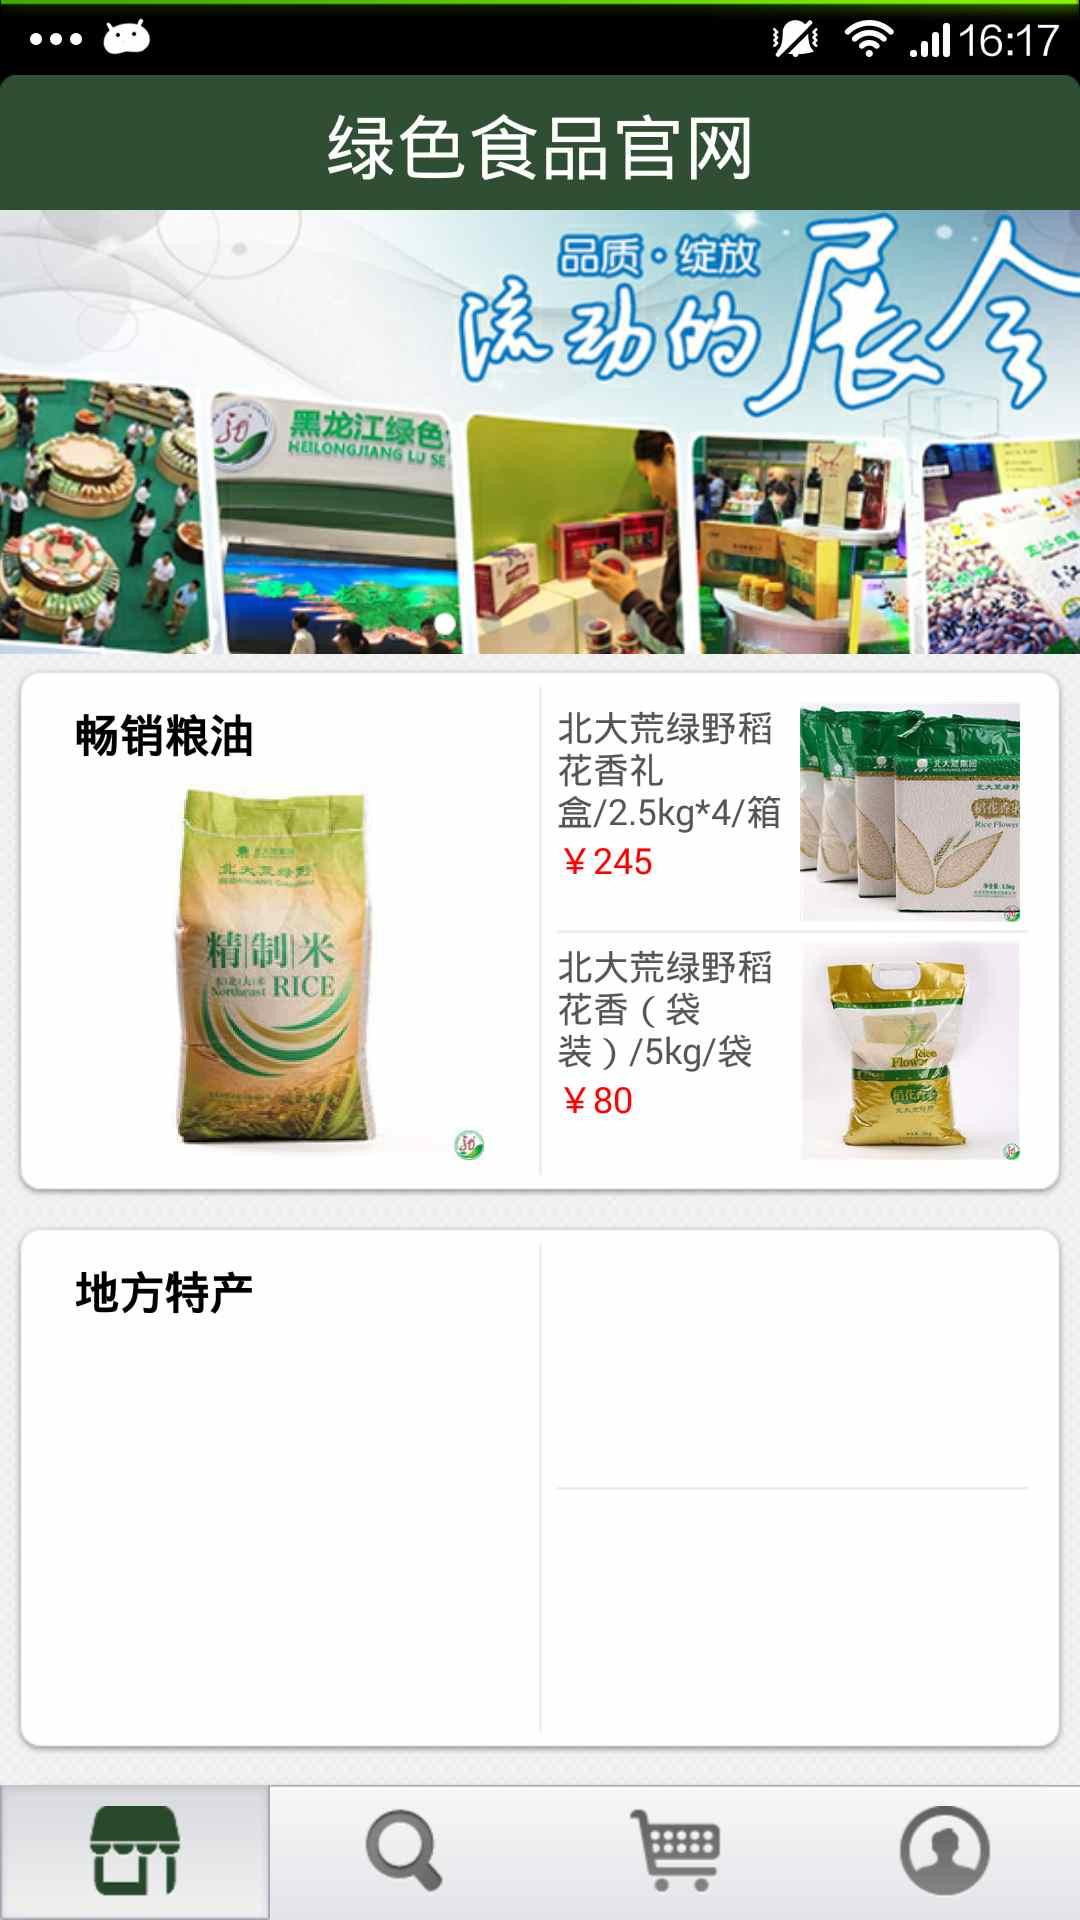 黑龙江绿色食品官网截图